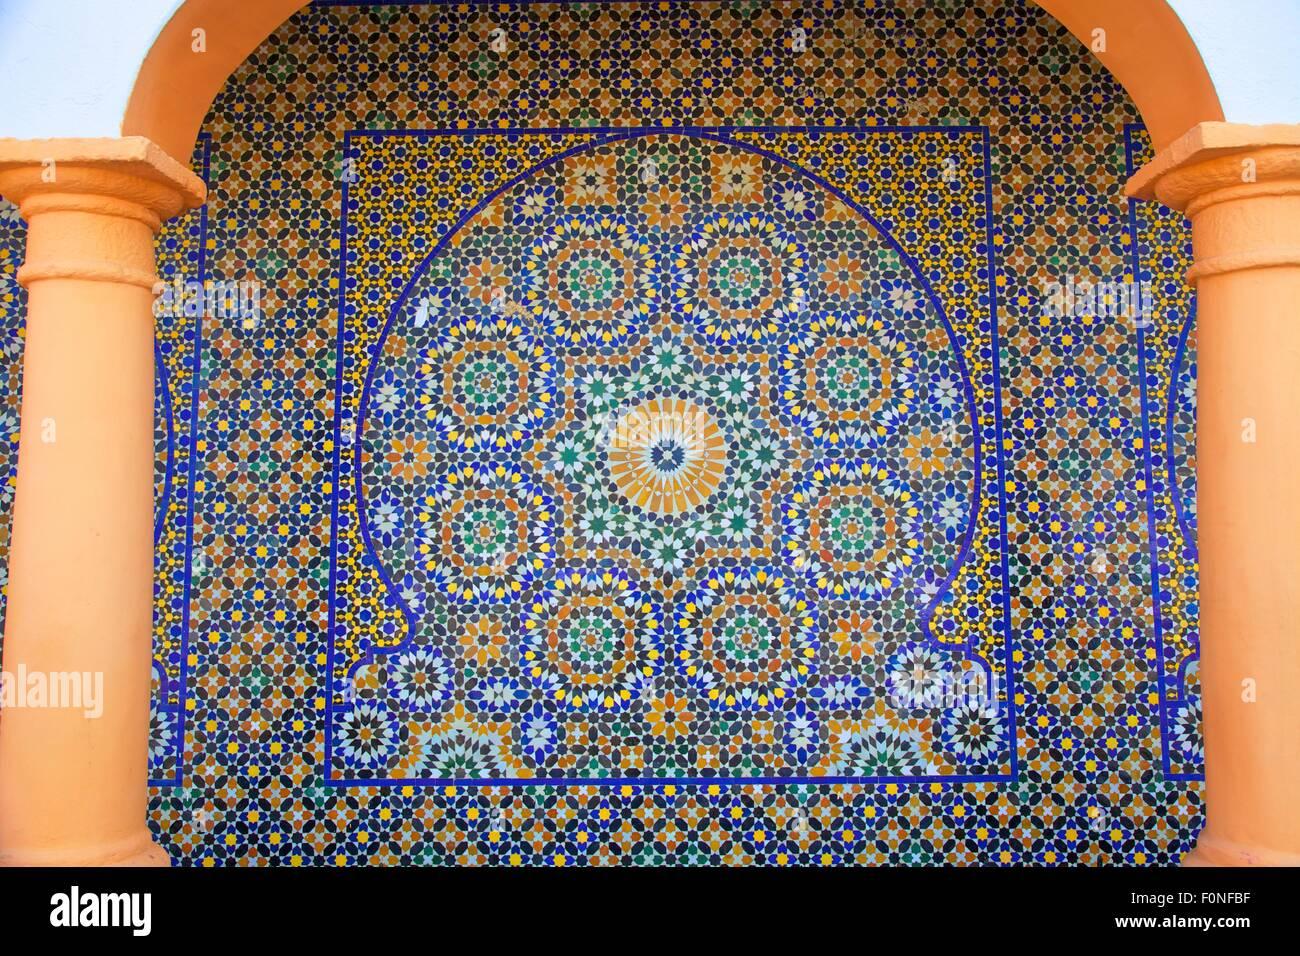 In piastrelle decorative a parete rabat marocco africa del nord